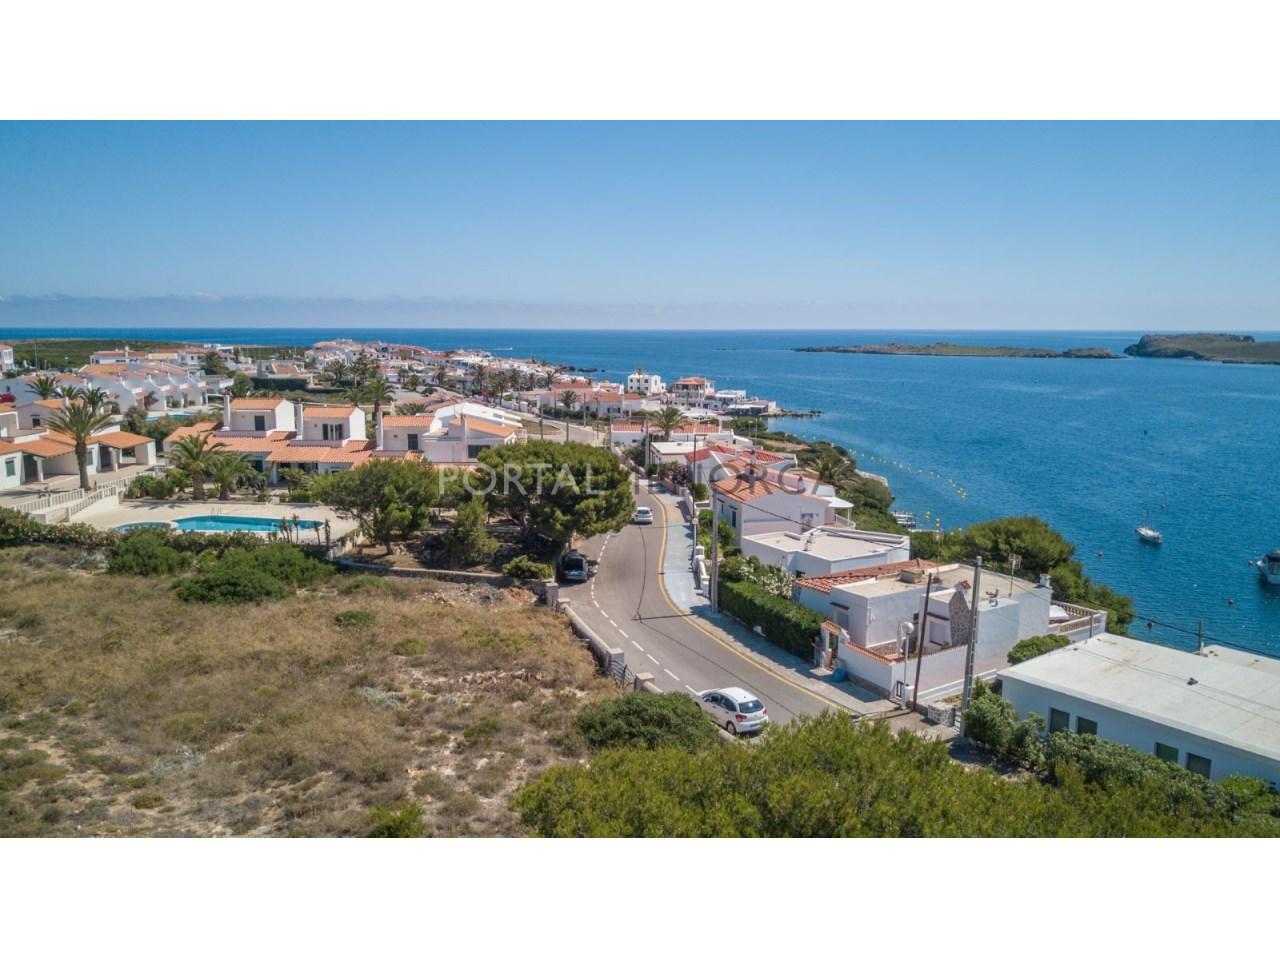 parcela en Macaret Menorca (2 de 3)